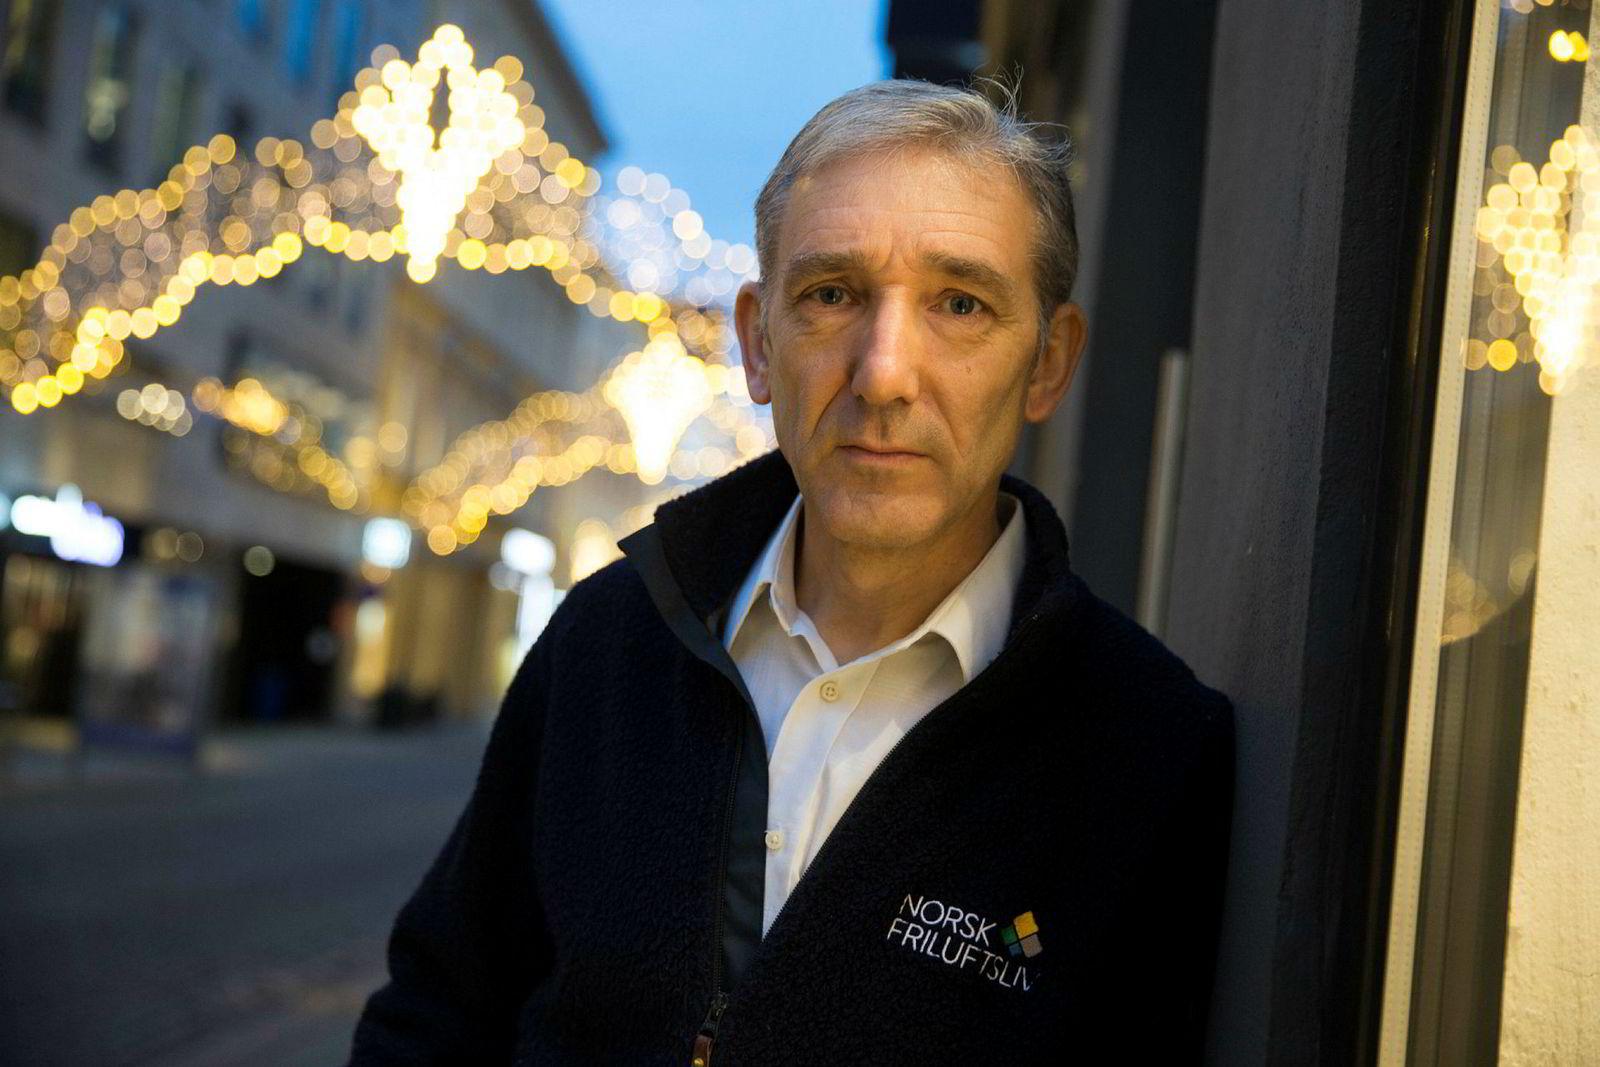 Daglig leder Lasse Heimdal i Norsk friluftsliv klager på Nordkapp kommunes avgjørelse om å la Rica Eiendom fortsett å kreve inn avgift for å besøke Nordkapp.